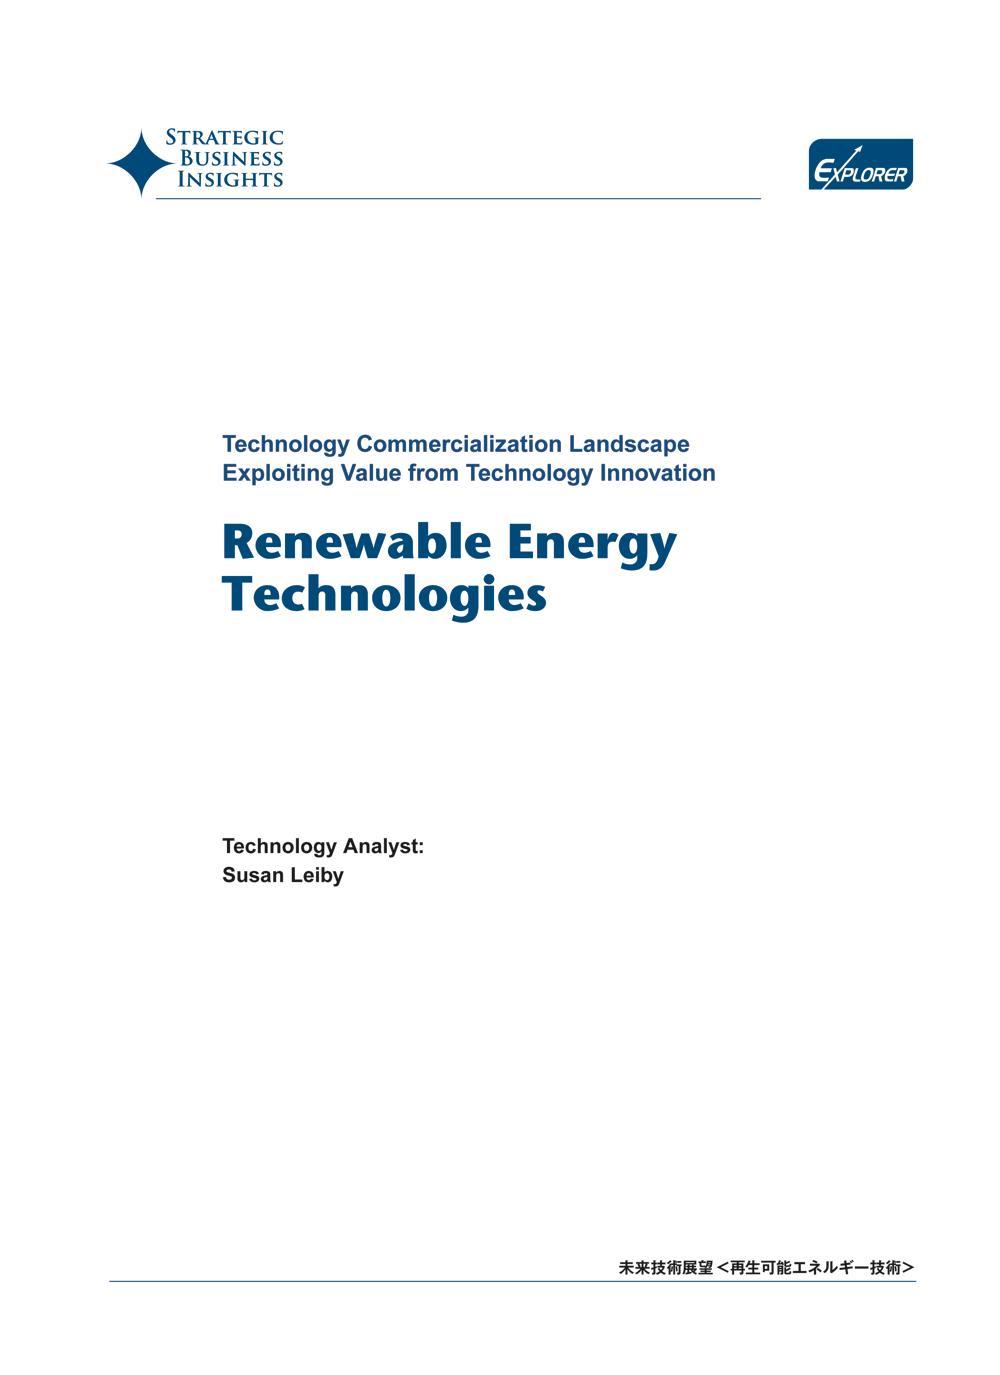 未来技術展望【再生可能エネルギー技術】